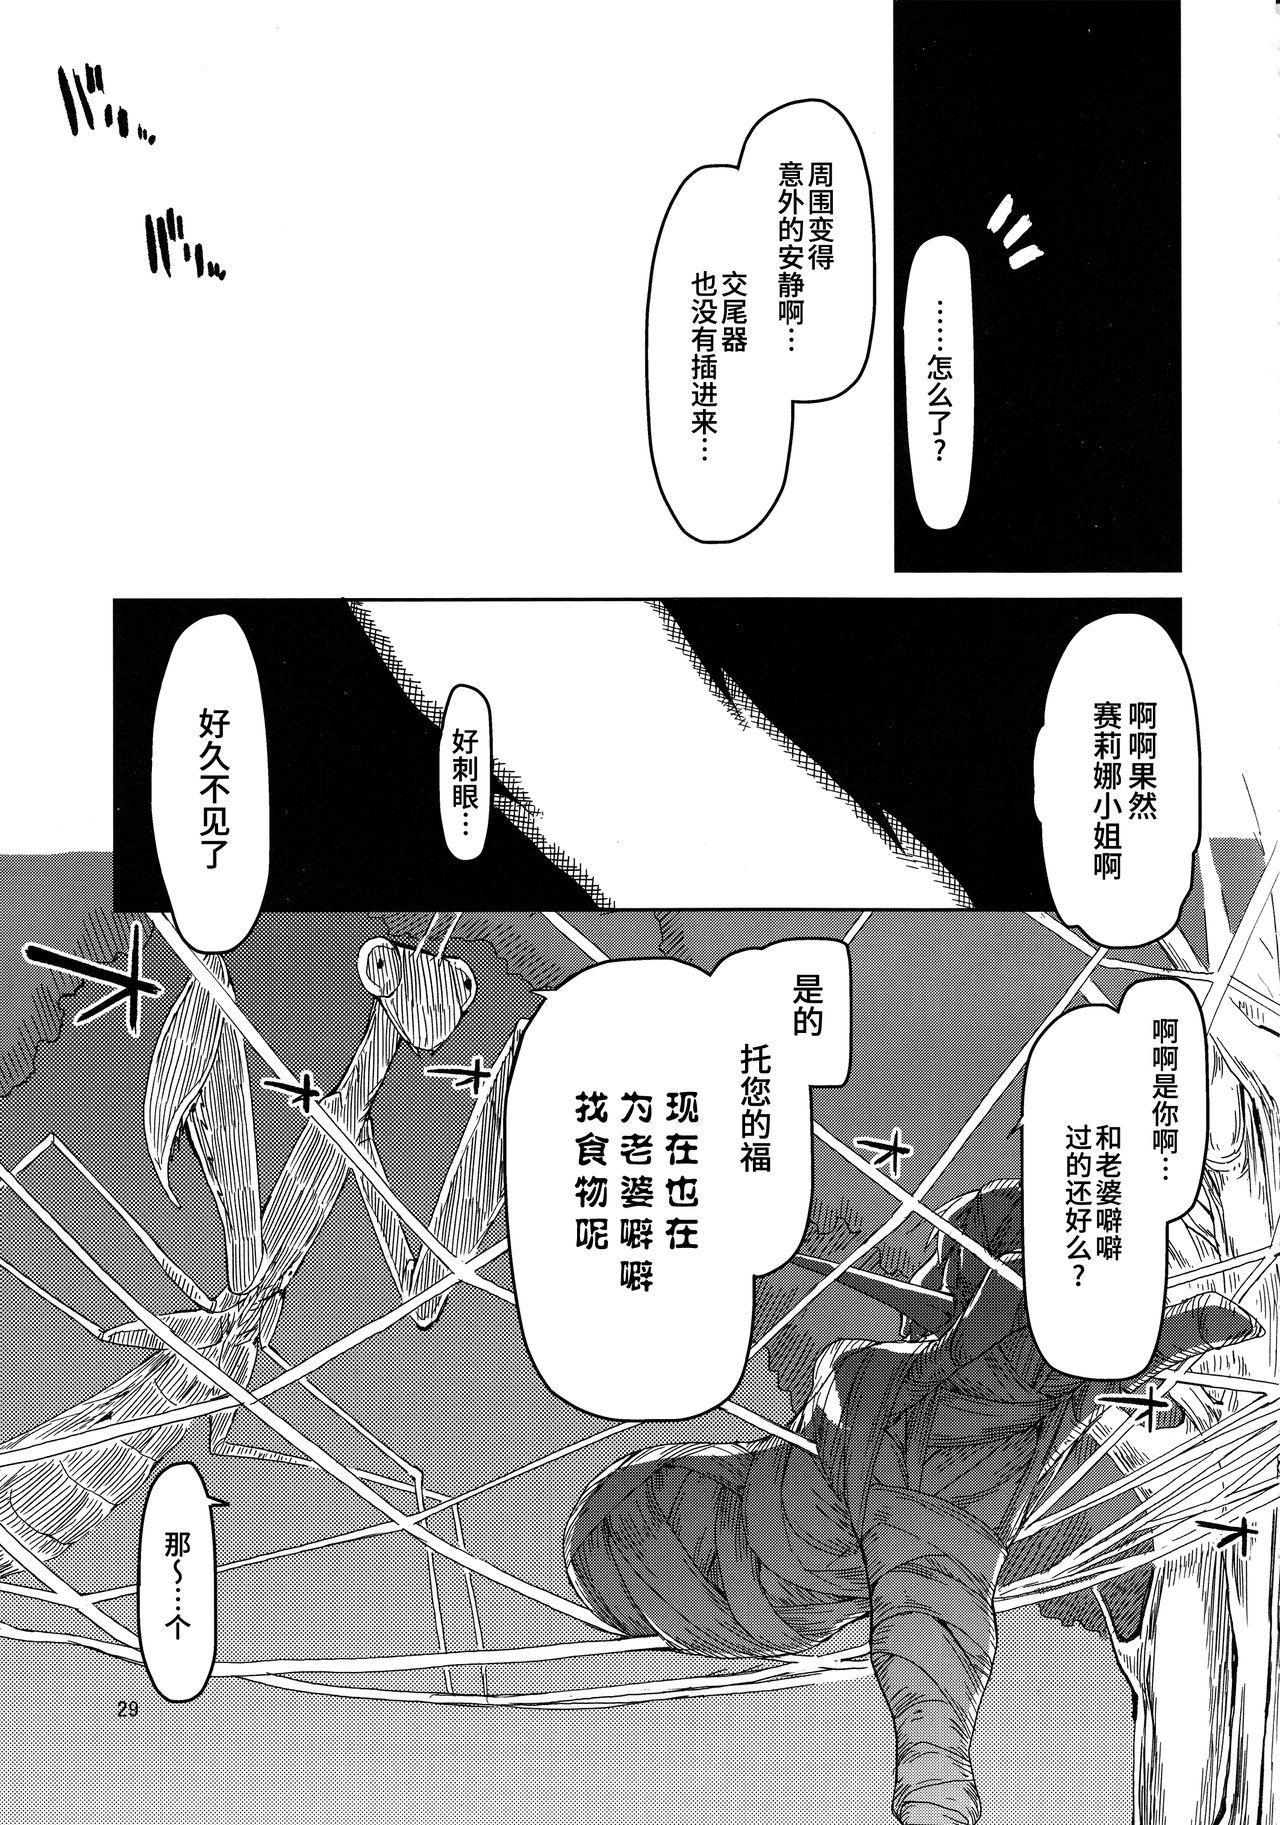 Dosukebe Elf no Ishukan Nikki 5 29